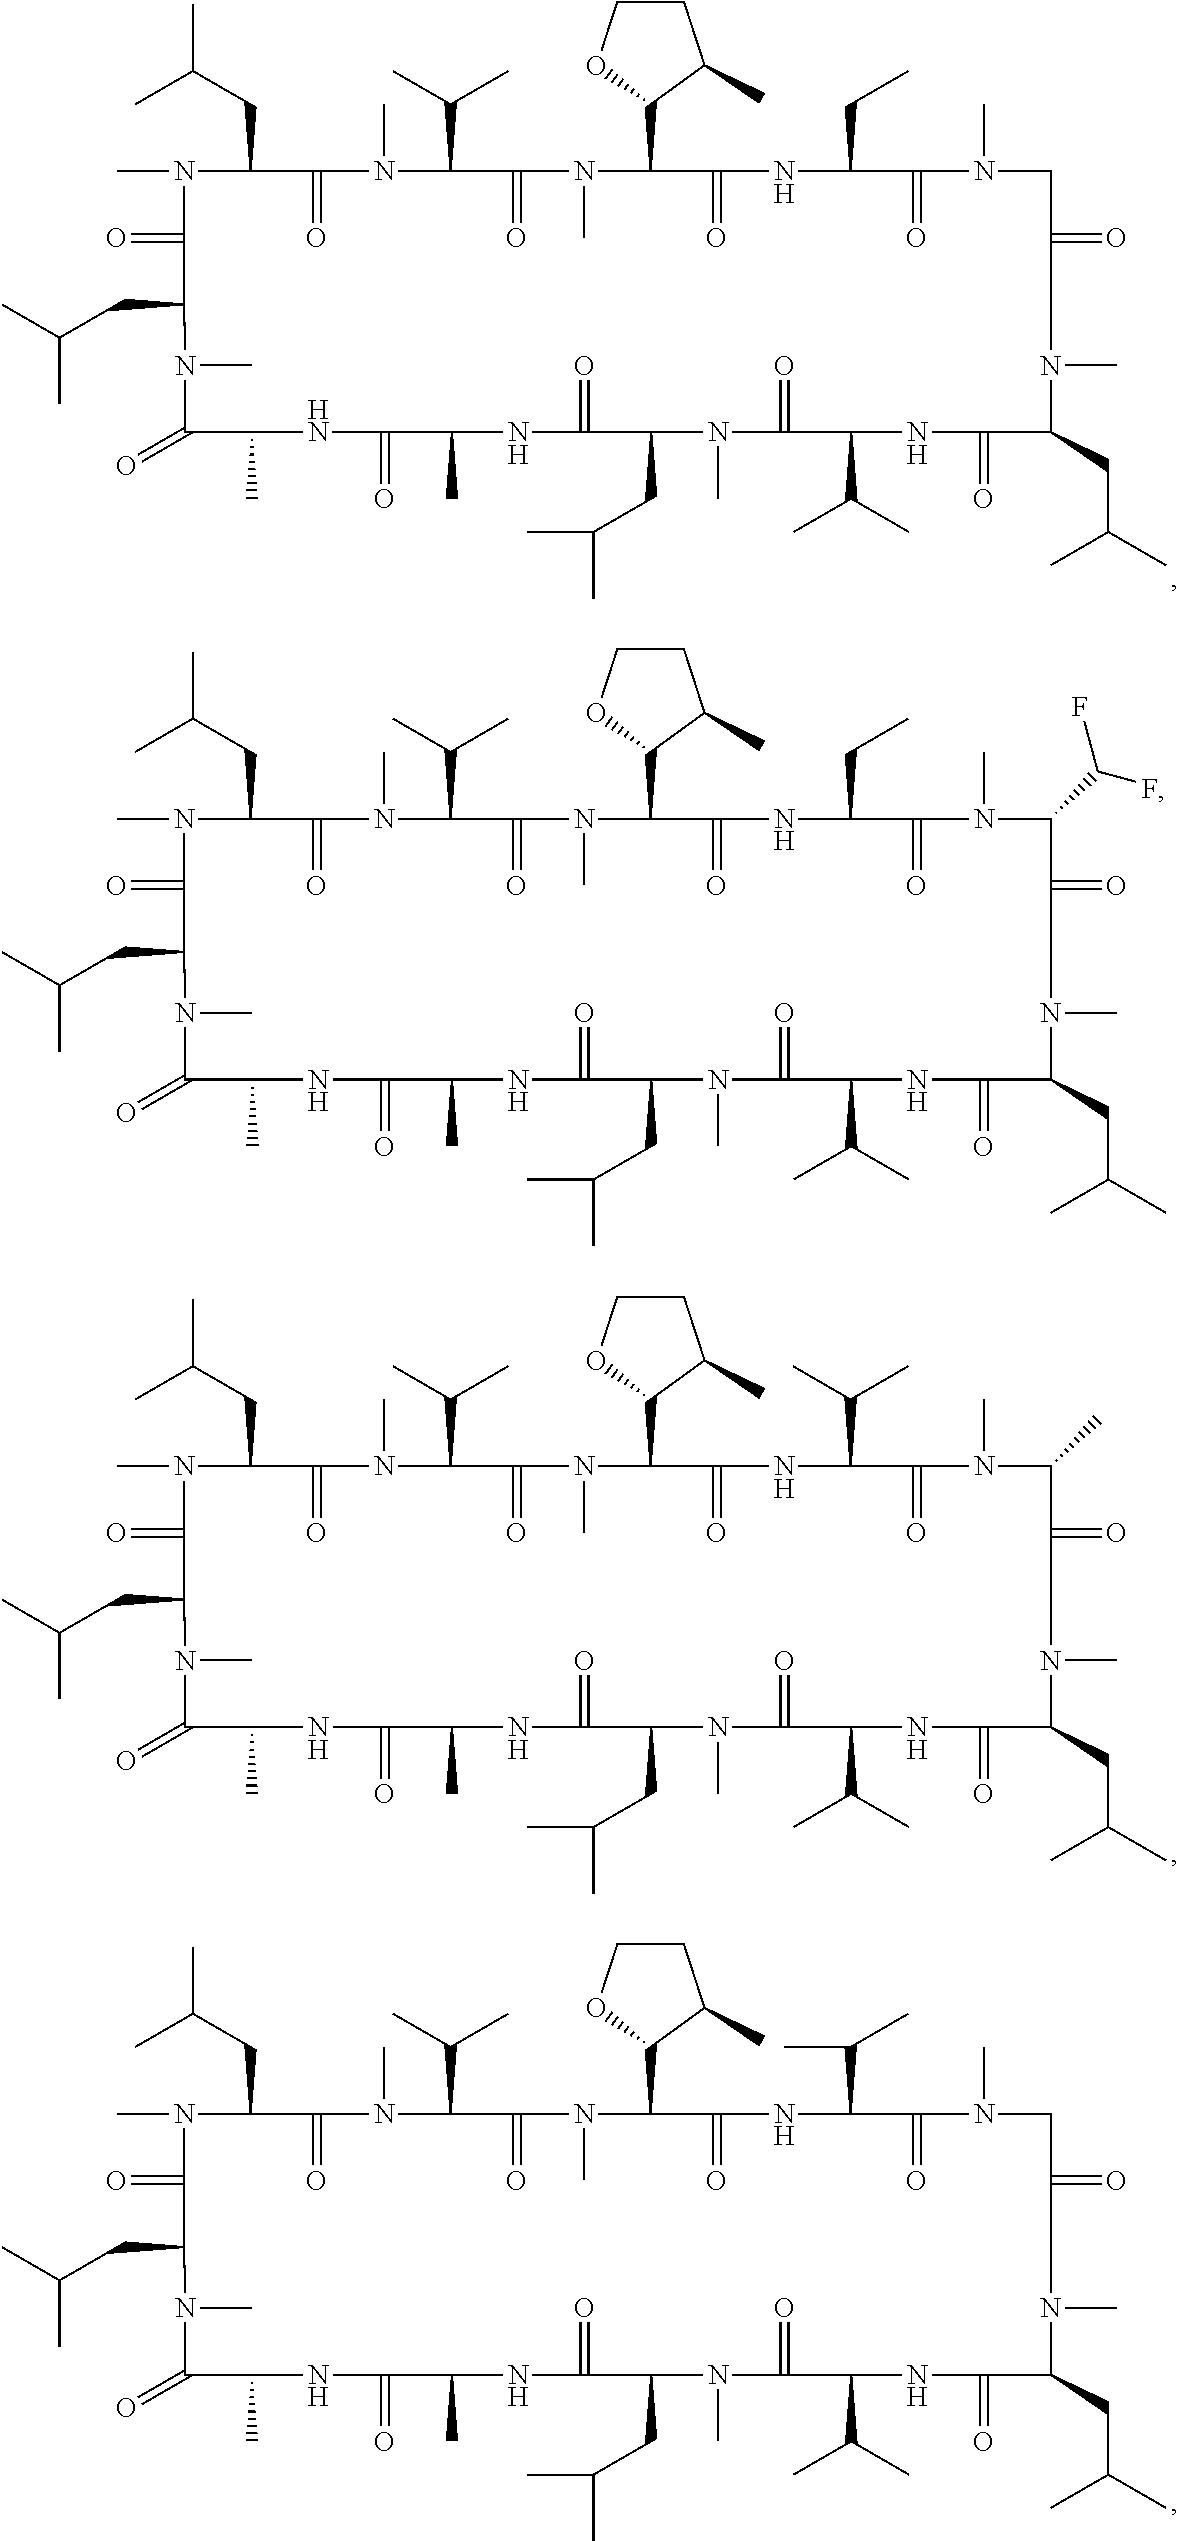 Figure US09914755-20180313-C00014